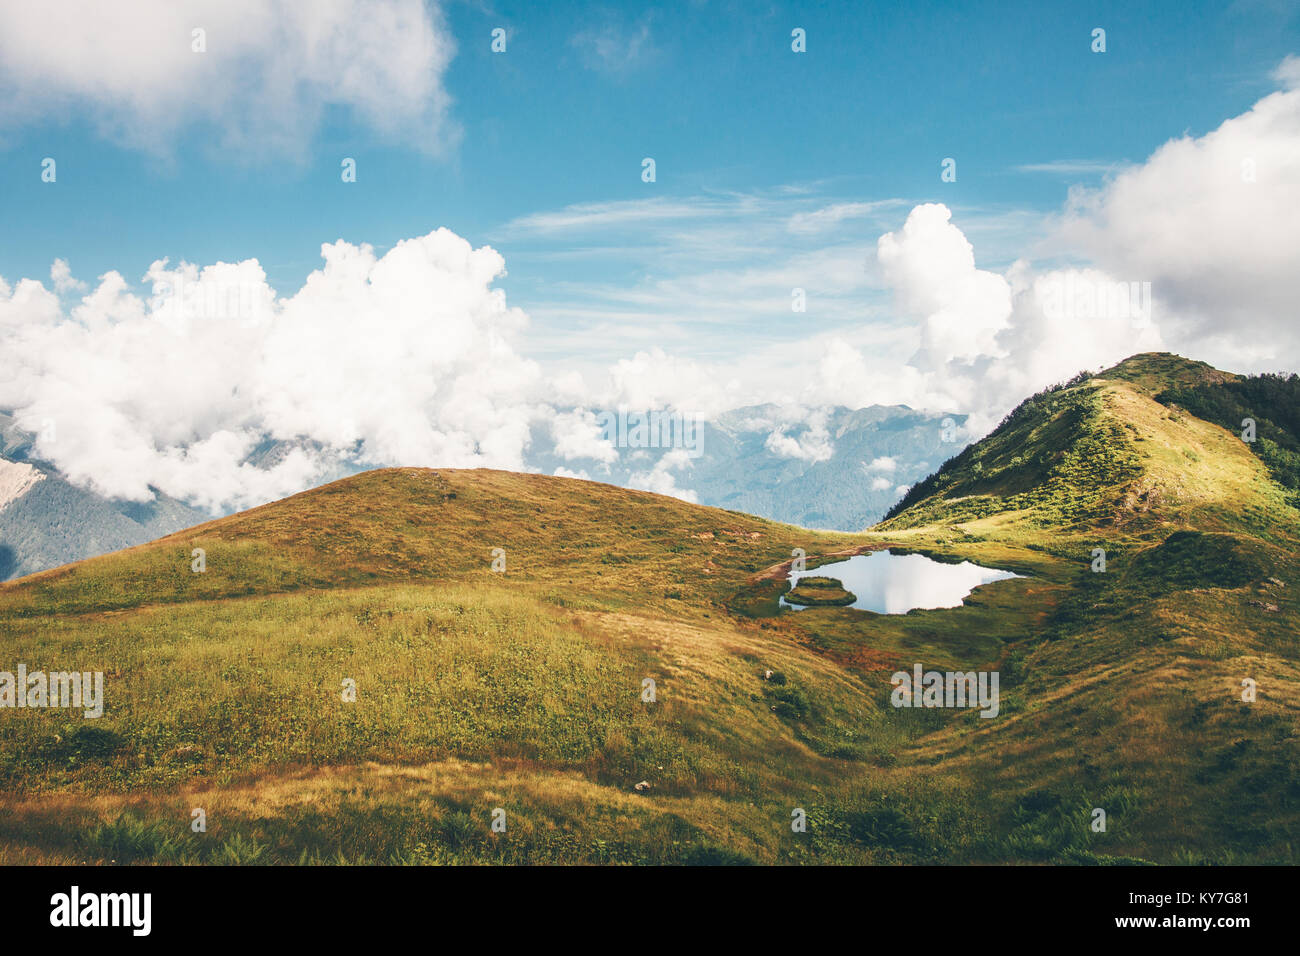 Lac et montagnes paysage nuages été voyage serein vue aérienne panoramique scène atmosphérique Photo Stock